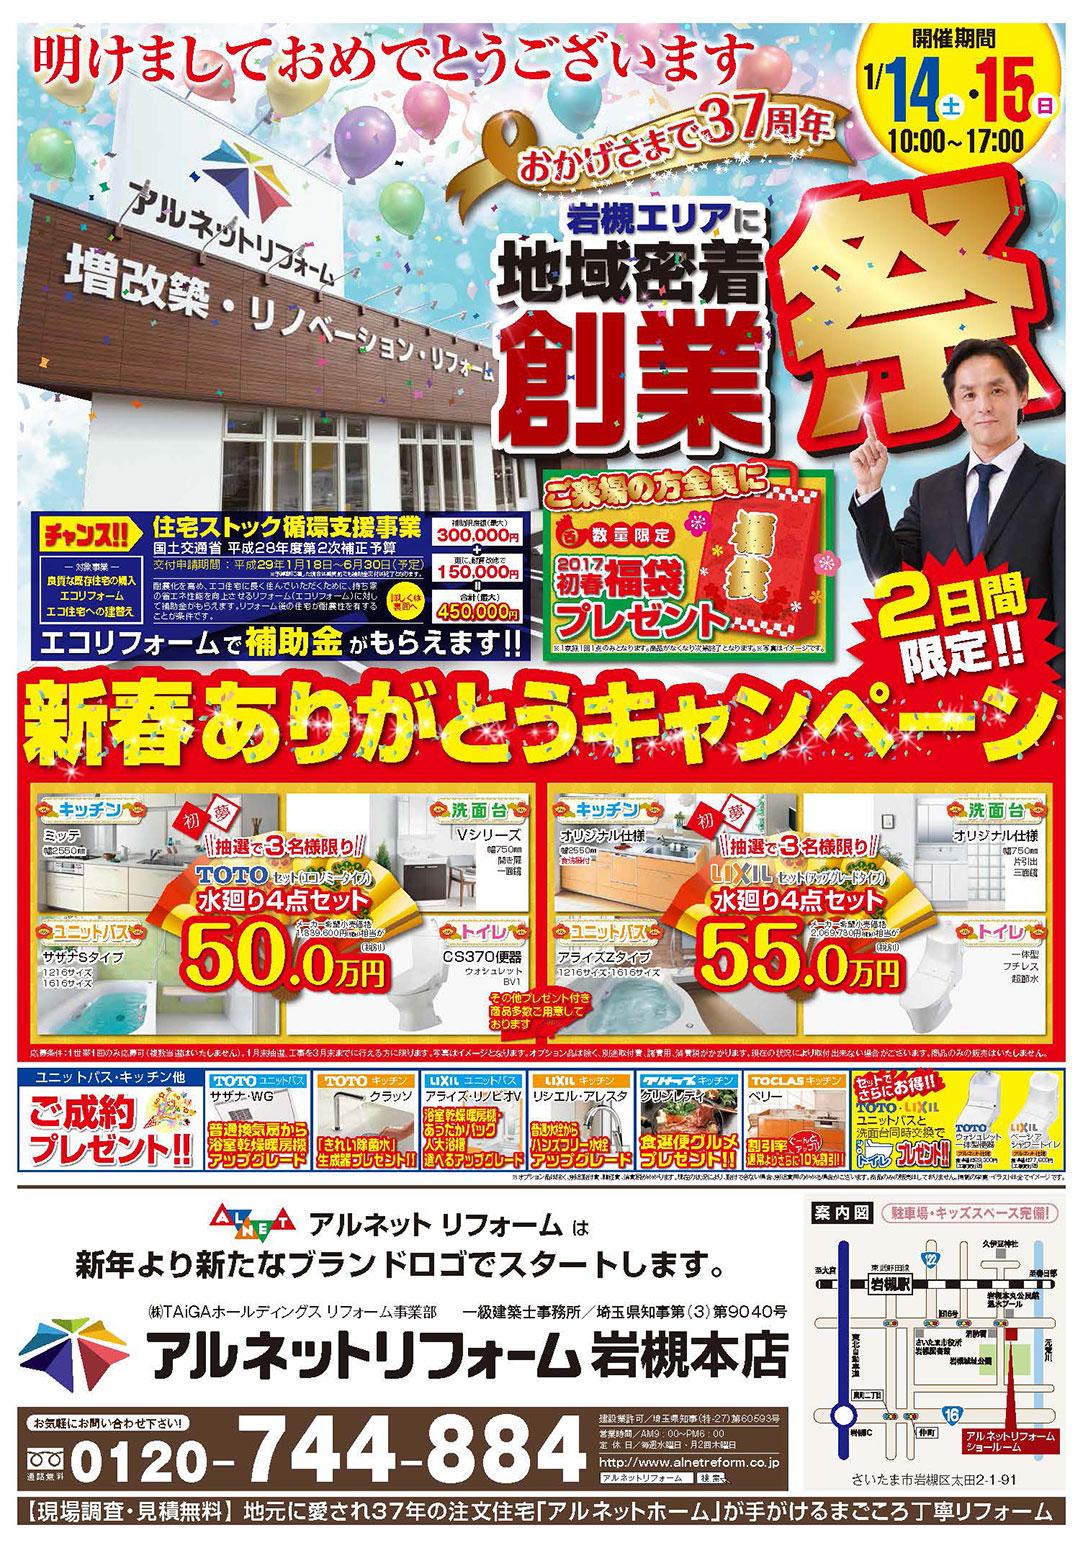 ★岩槻エリアに地域密着!創業祭開催!!★